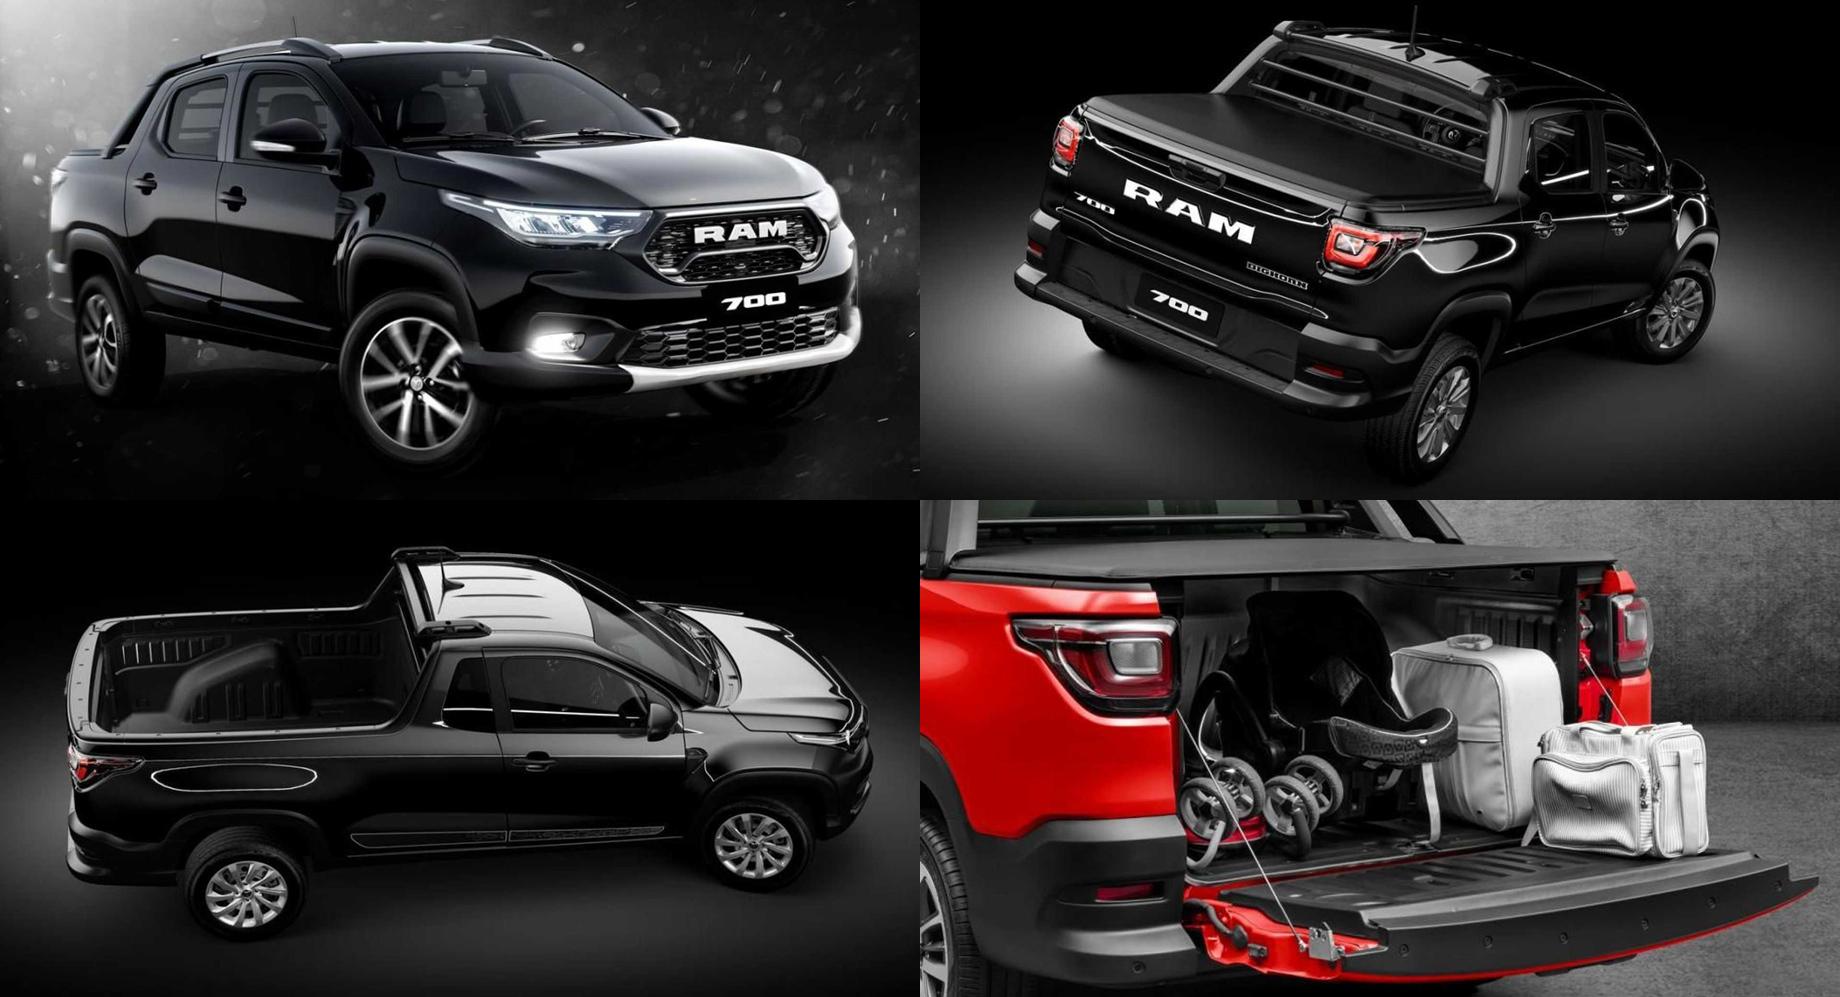 Новый Ram 700 ожидаемо повторил пикап Fiat Strada